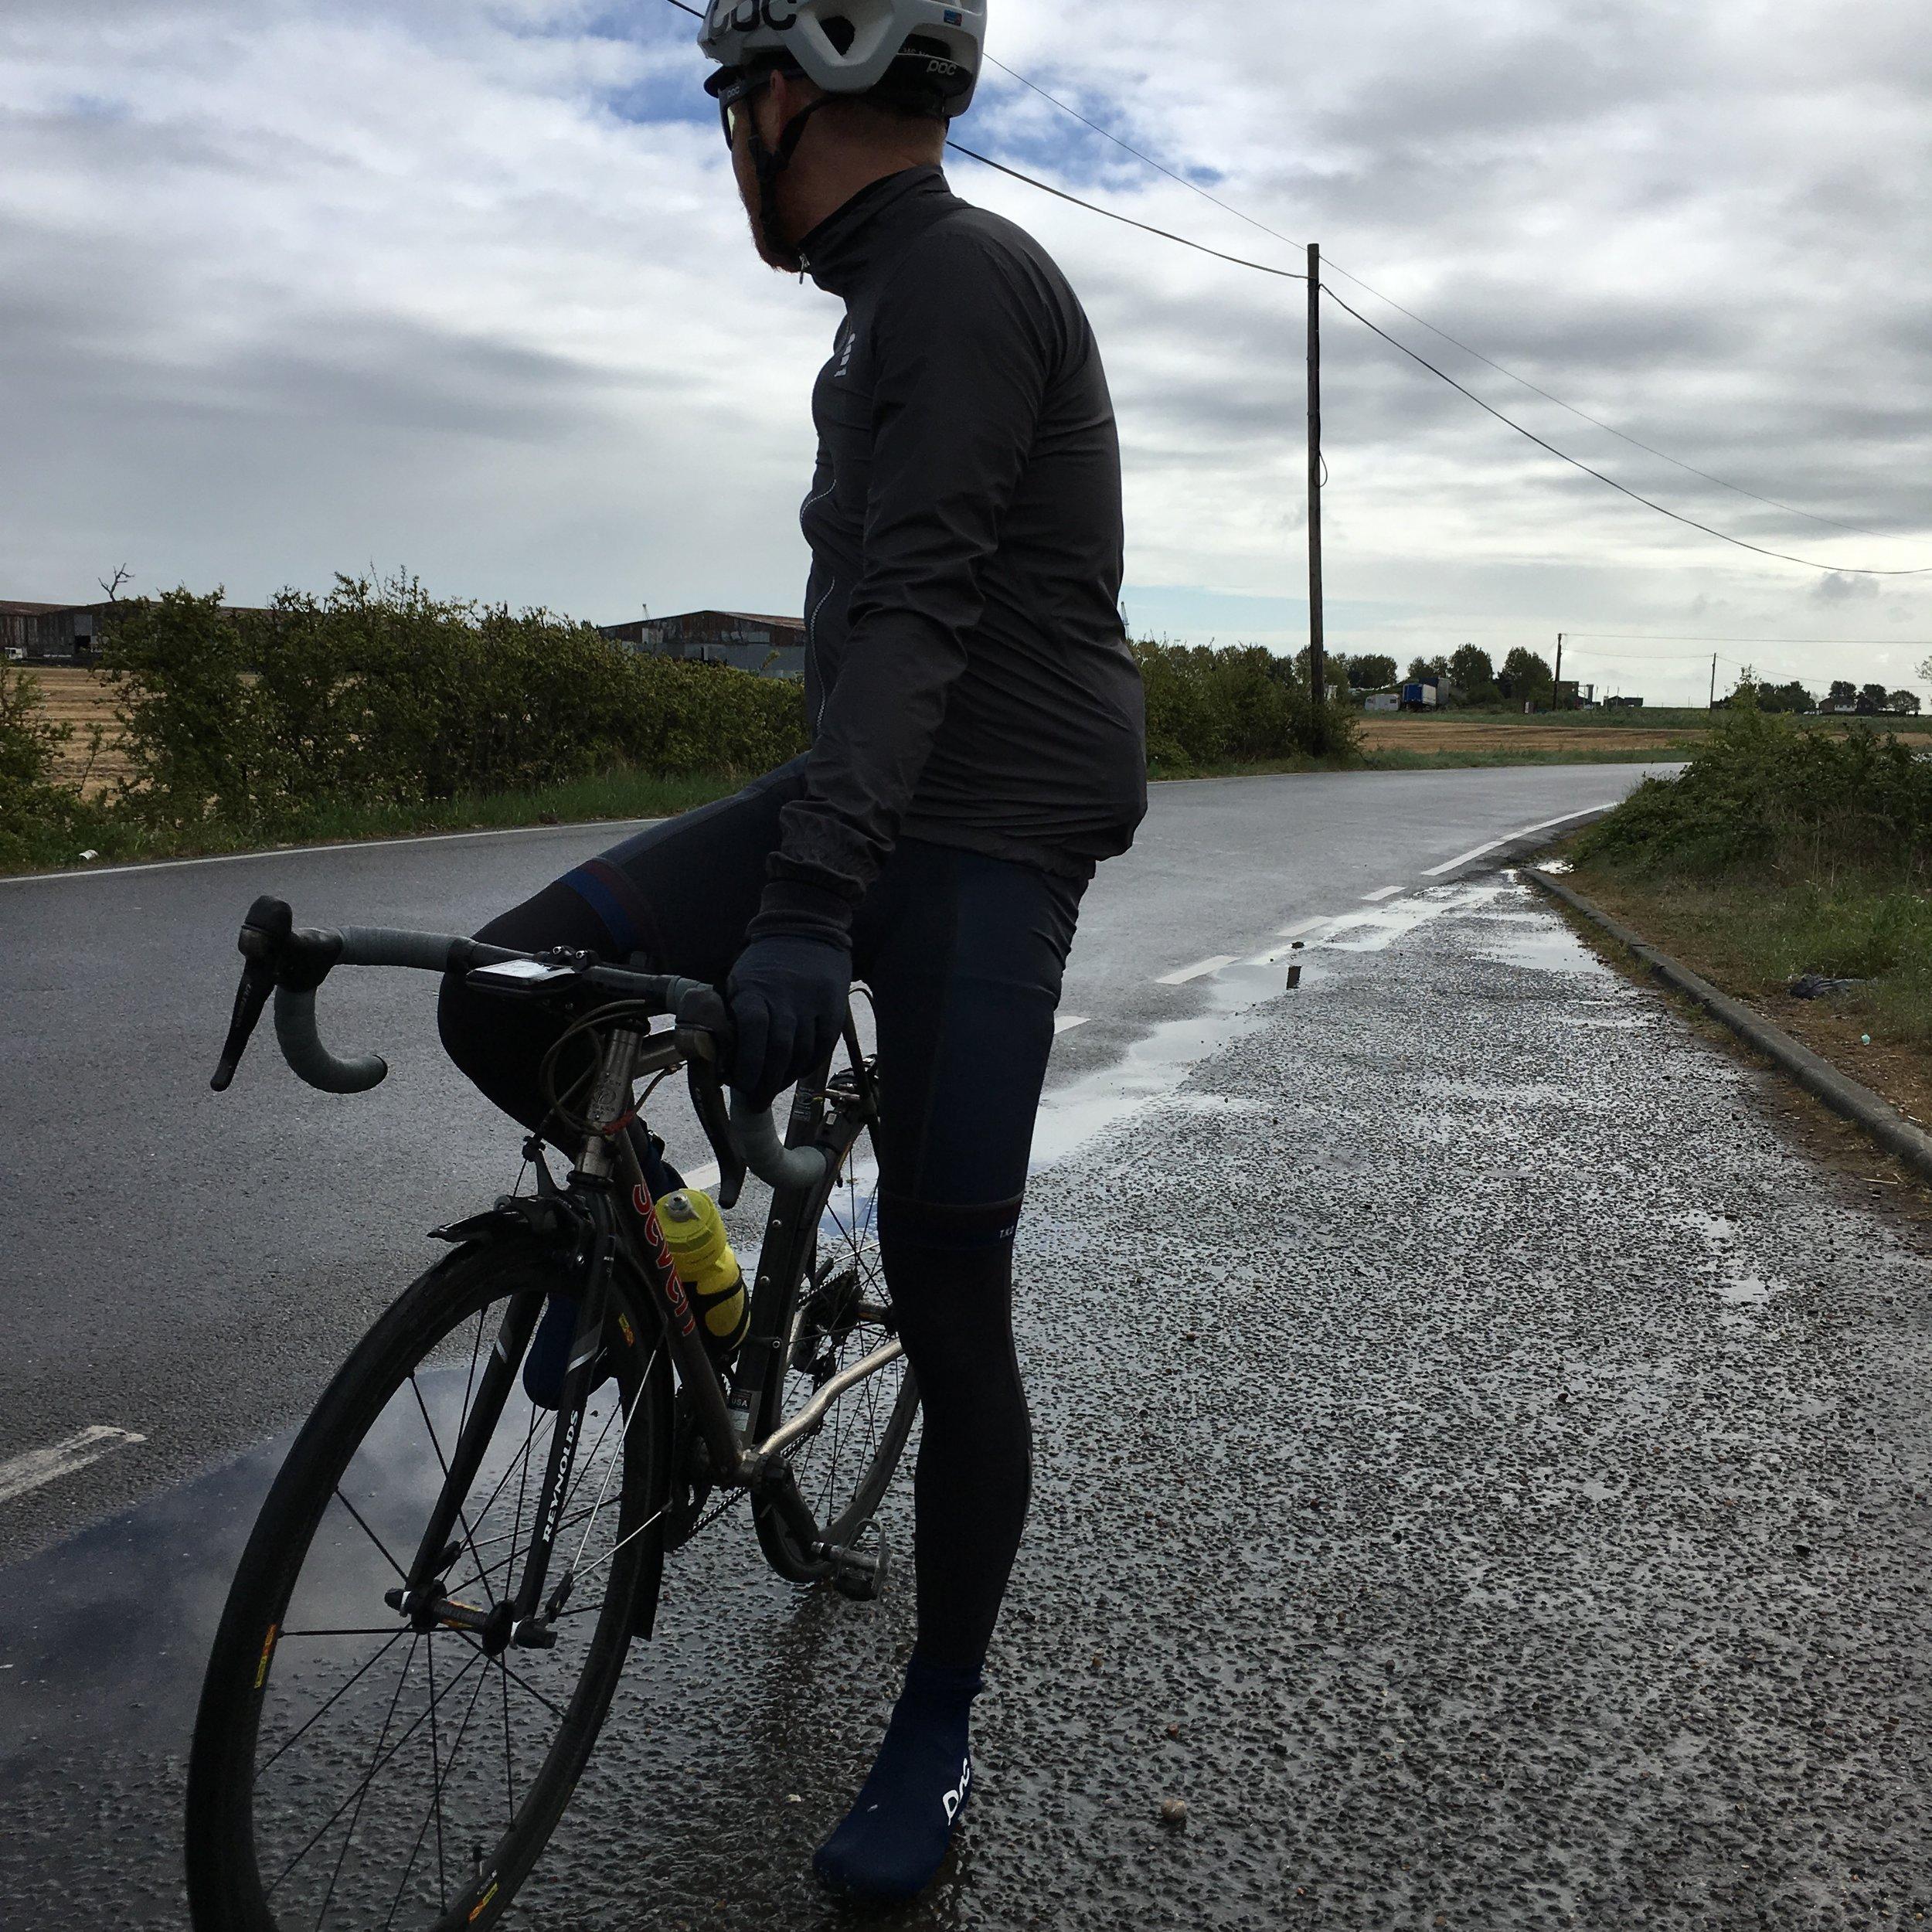 Sportful stelvio waterproof cycling jacket